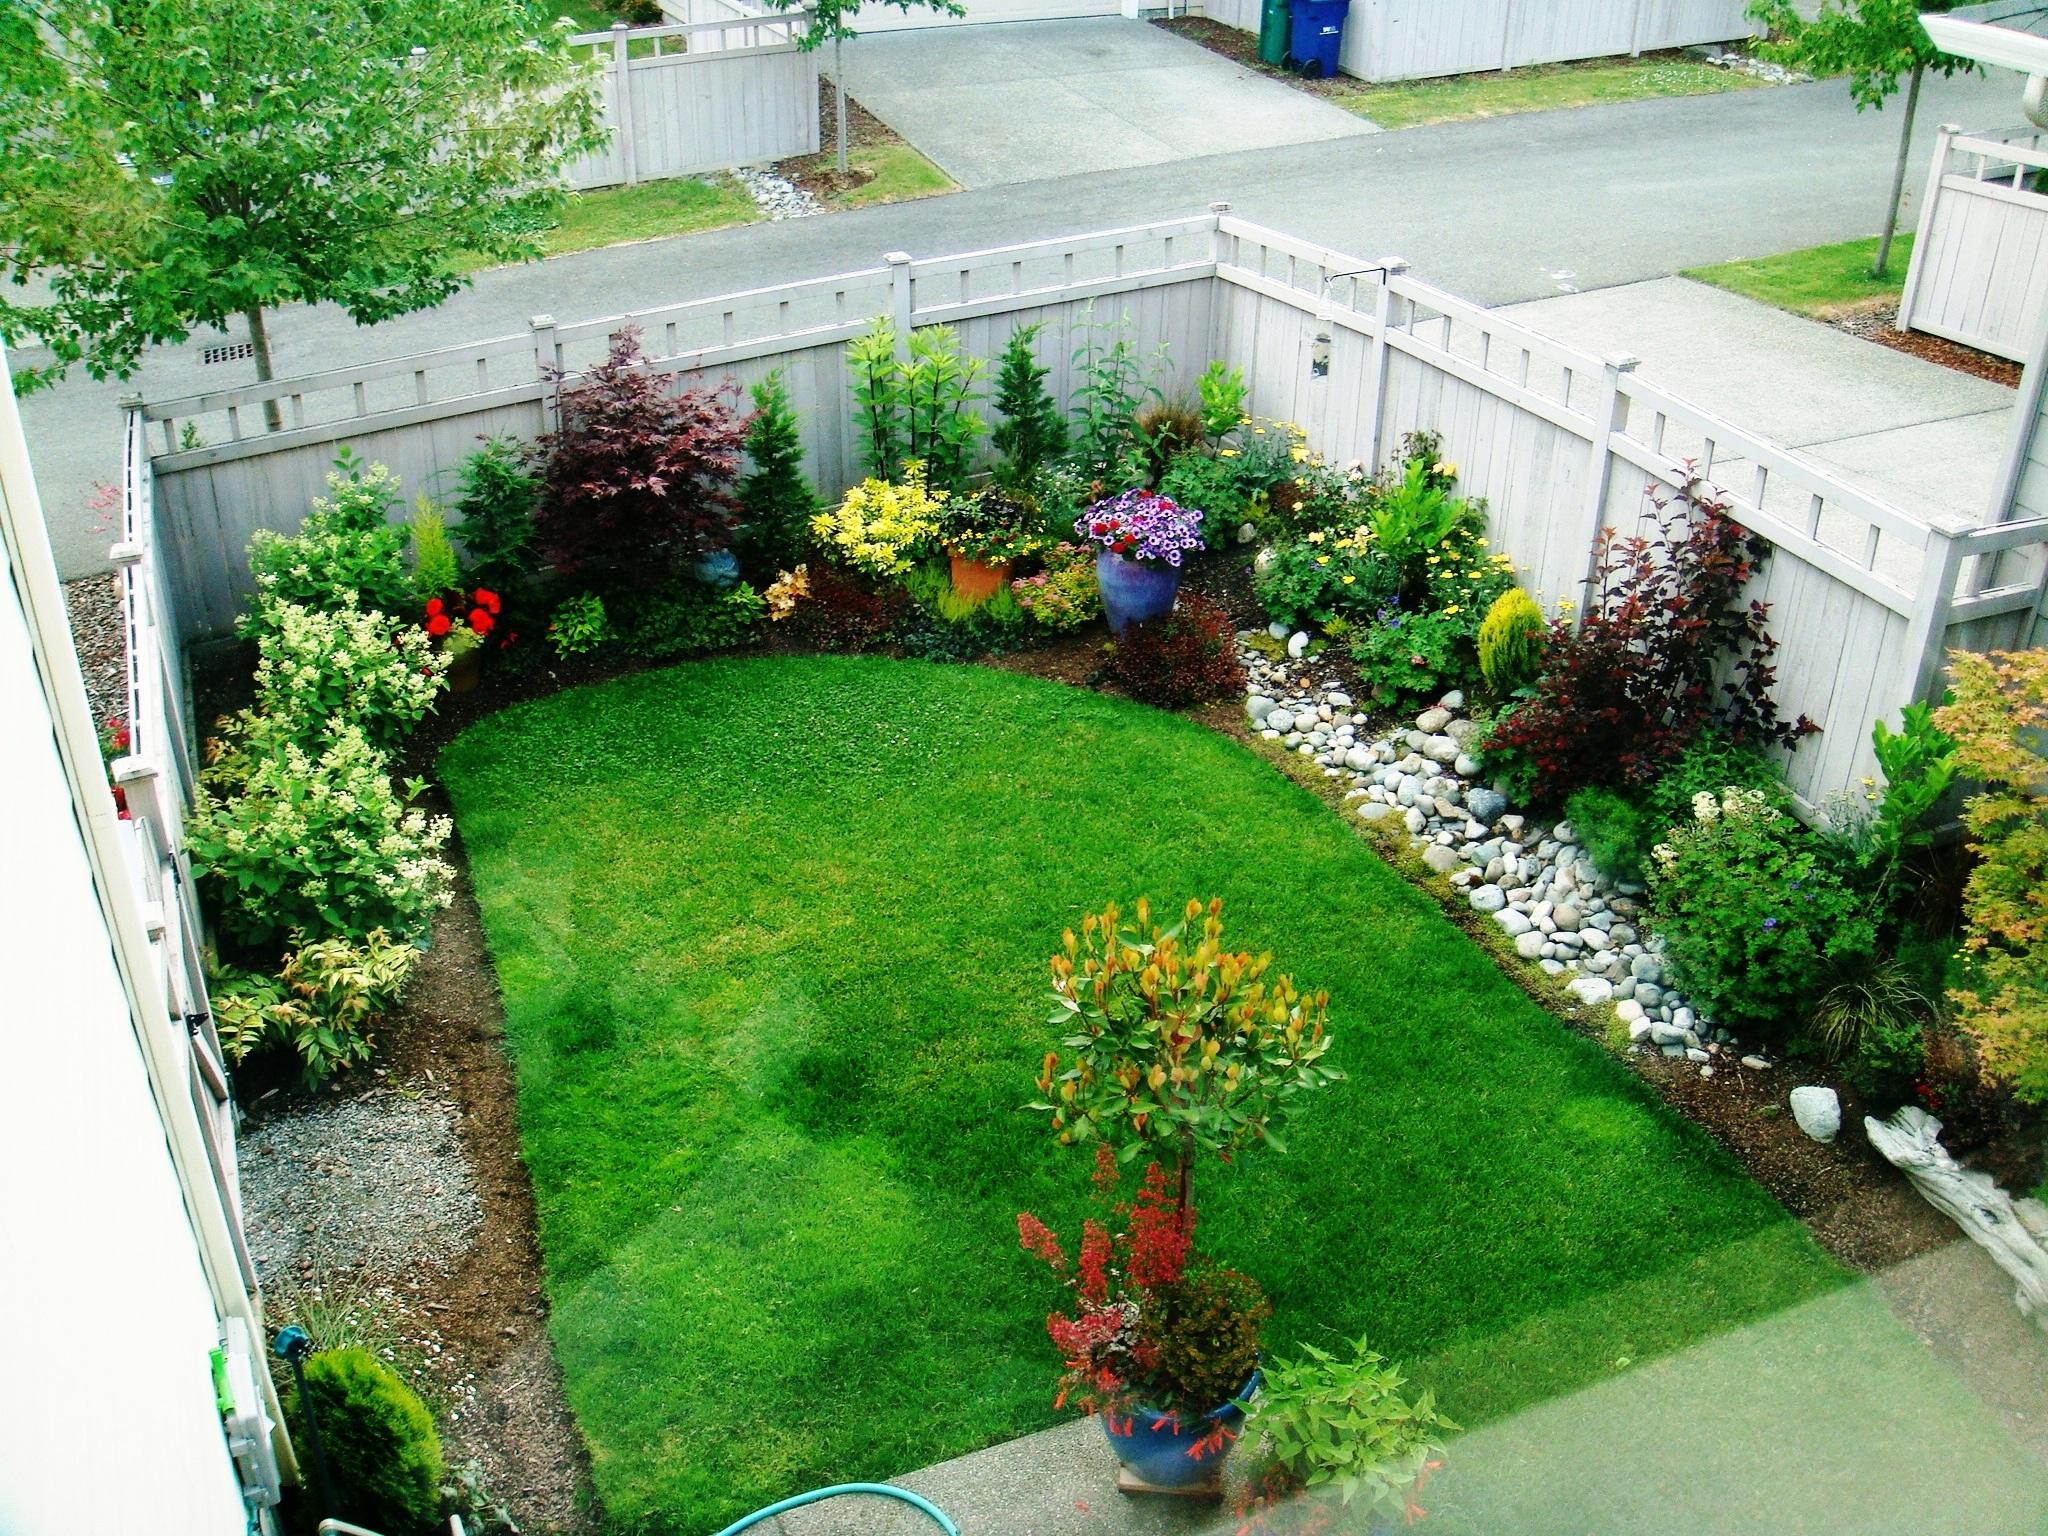 Woolpower используется как роблагоустроить двеи сотки сада поговорим обо всем